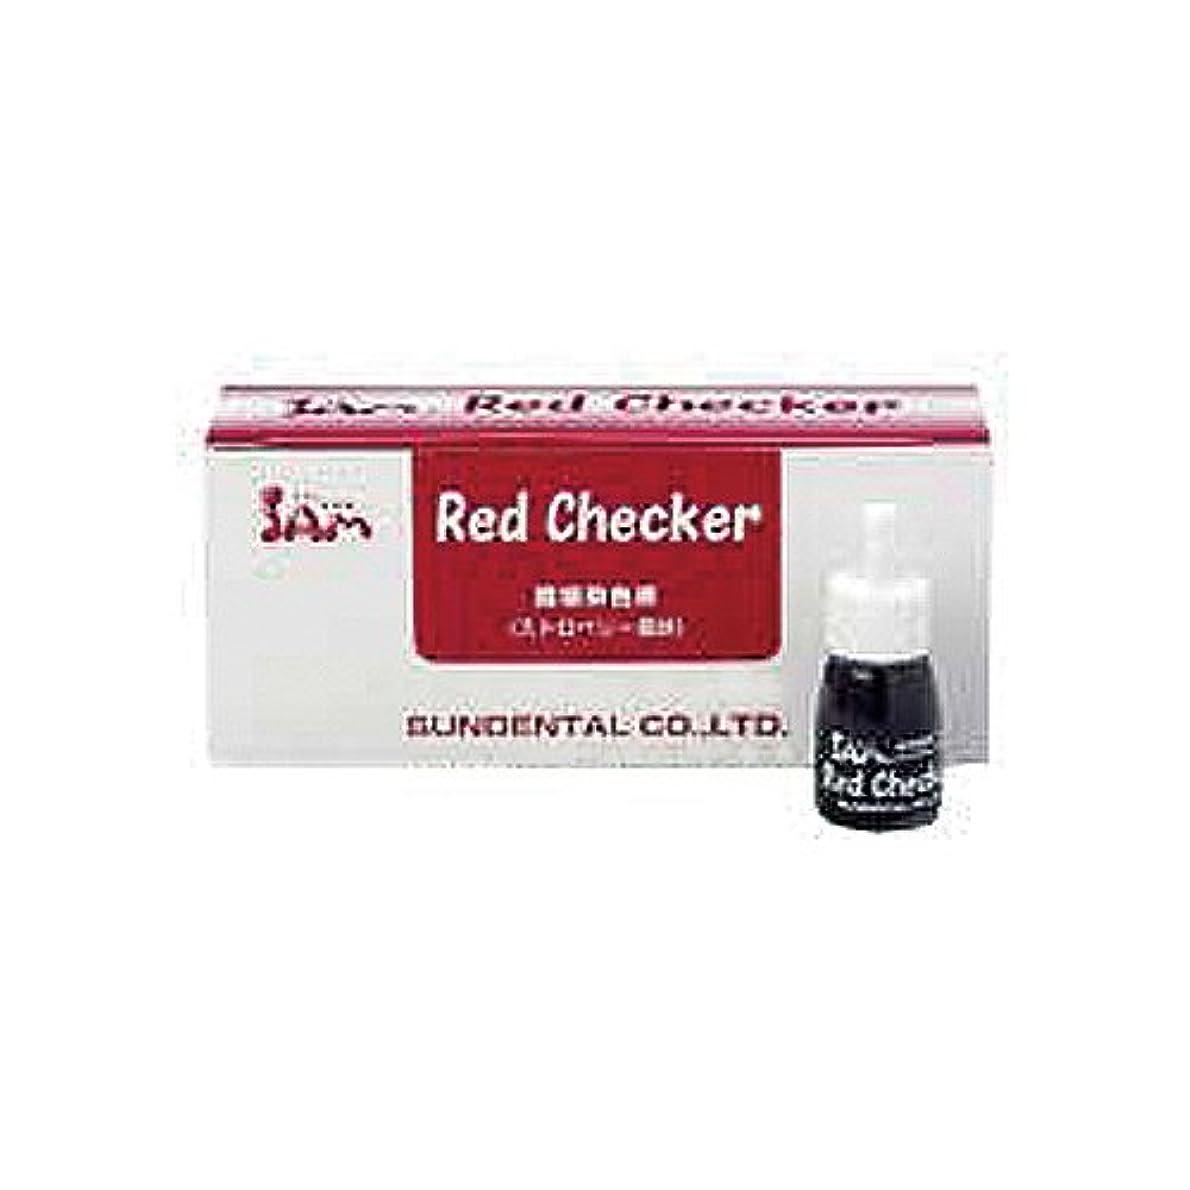 プロジェクター忍耐経験的サムフレンド レッドチェッカー Red Checker 5ml × 12本